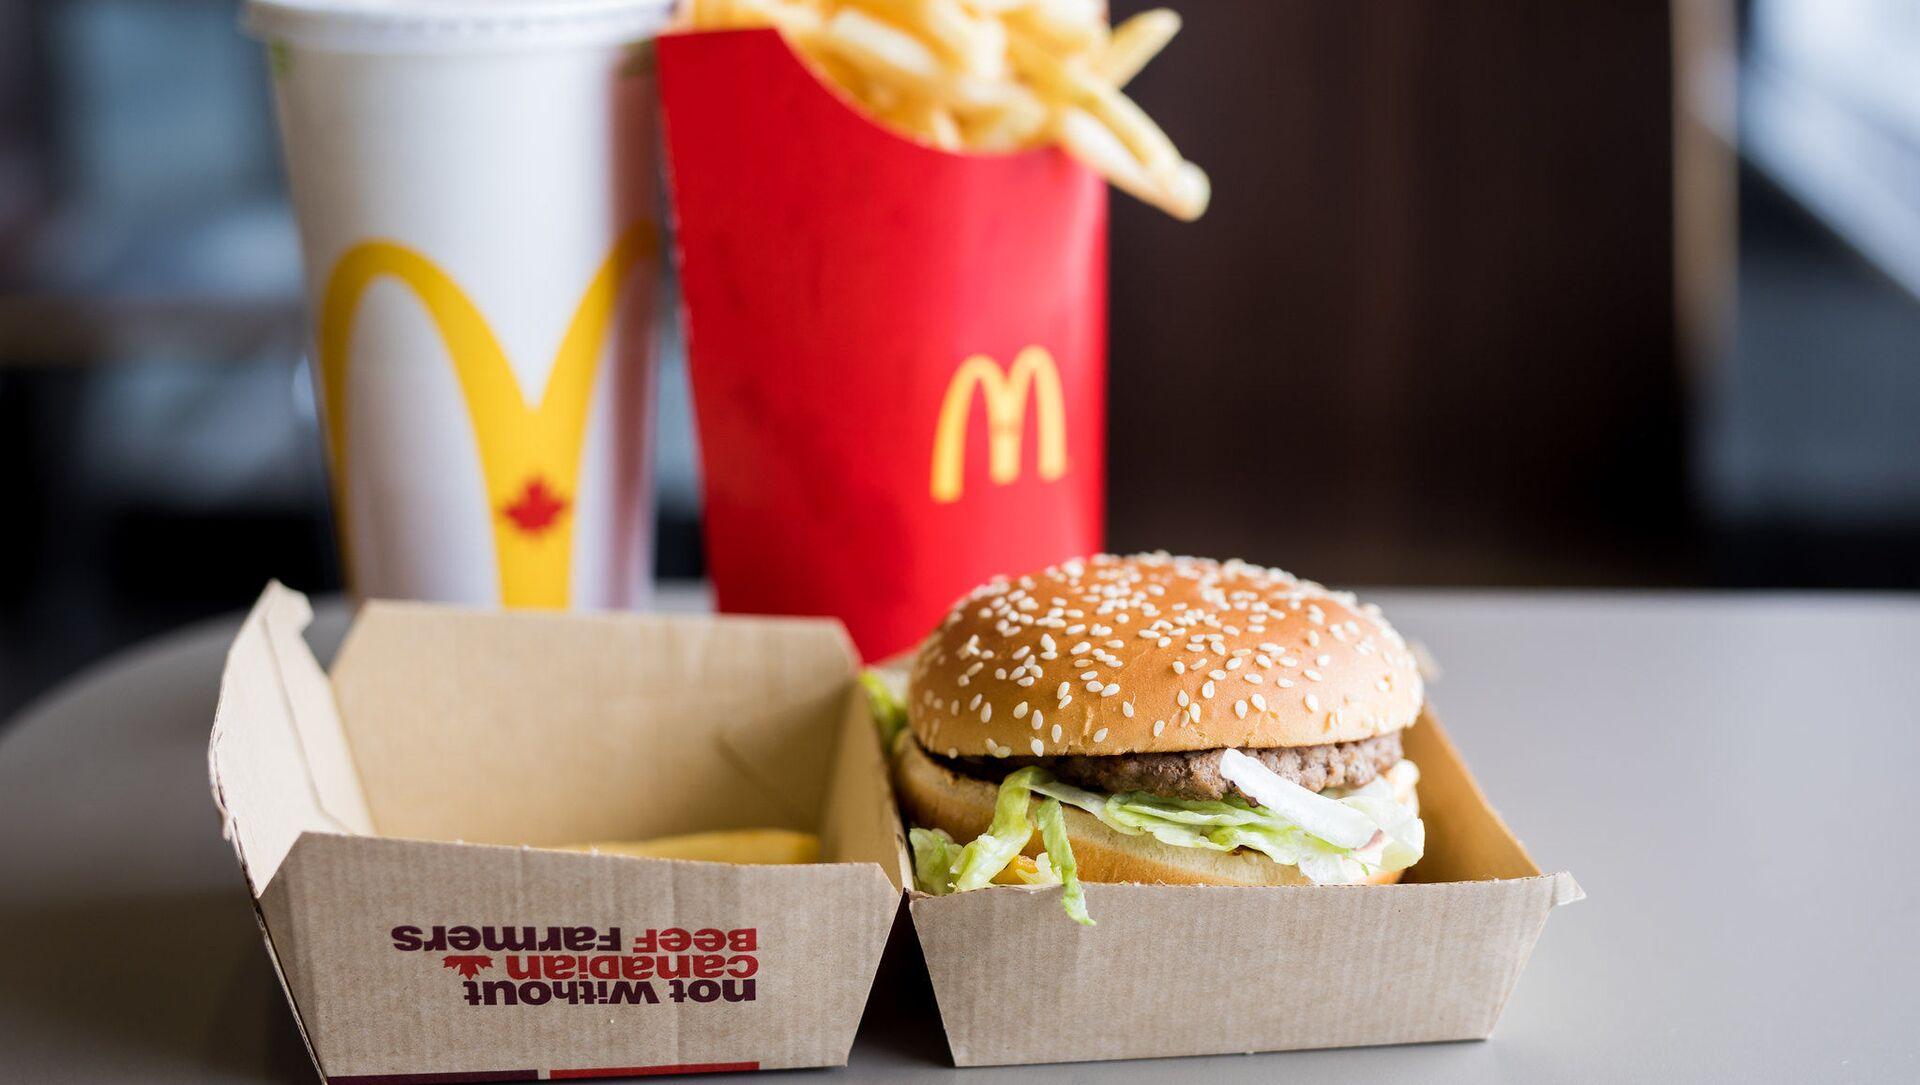 Du fast food à un McDonald's - Sputnik France, 1920, 24.08.2021